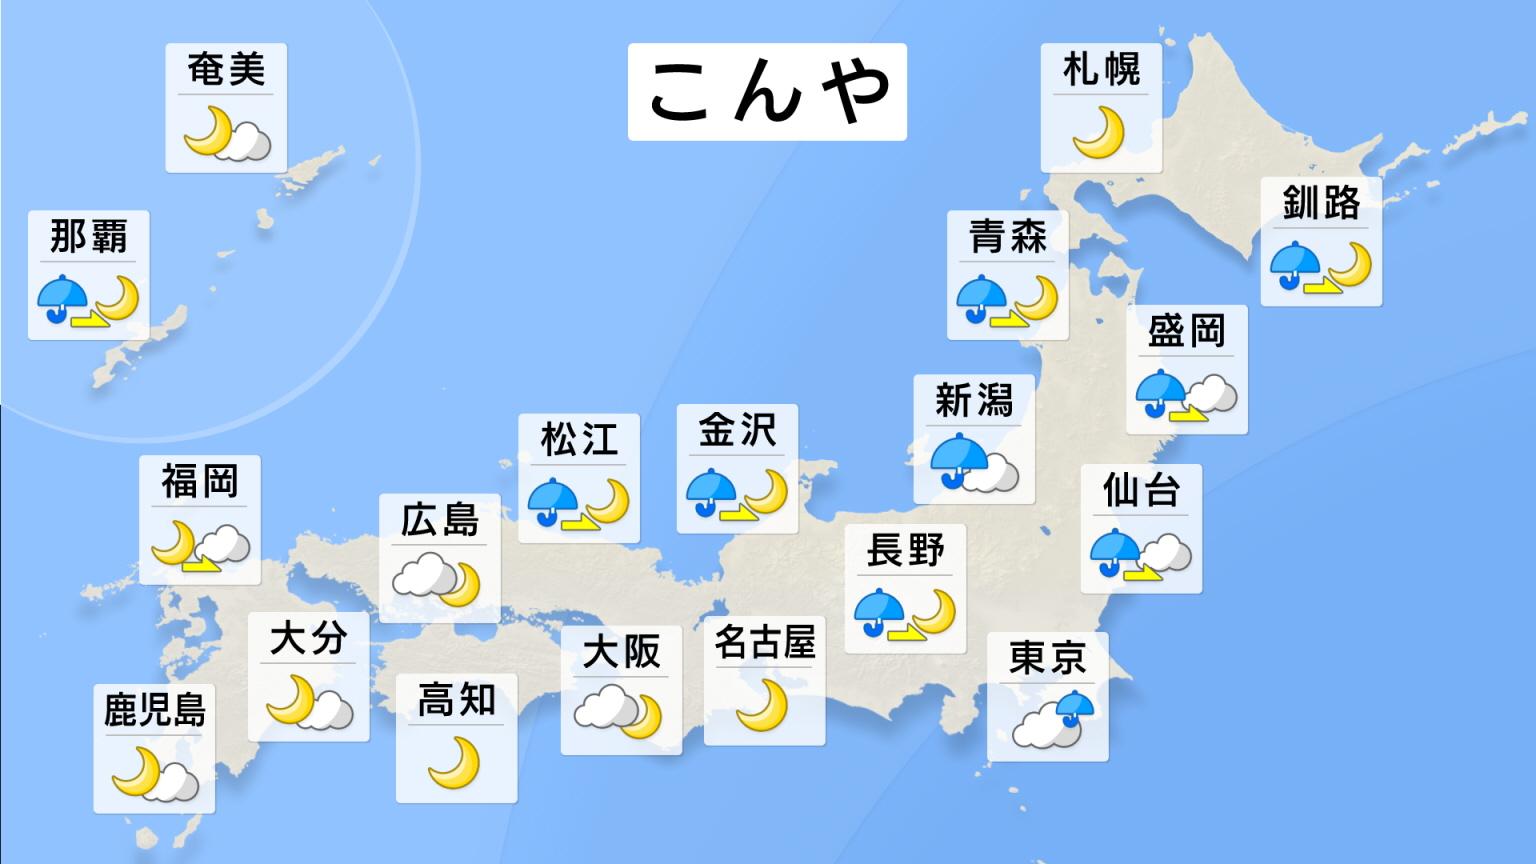 全国の天気 >> 天気予報 >> 全国天気 こんや